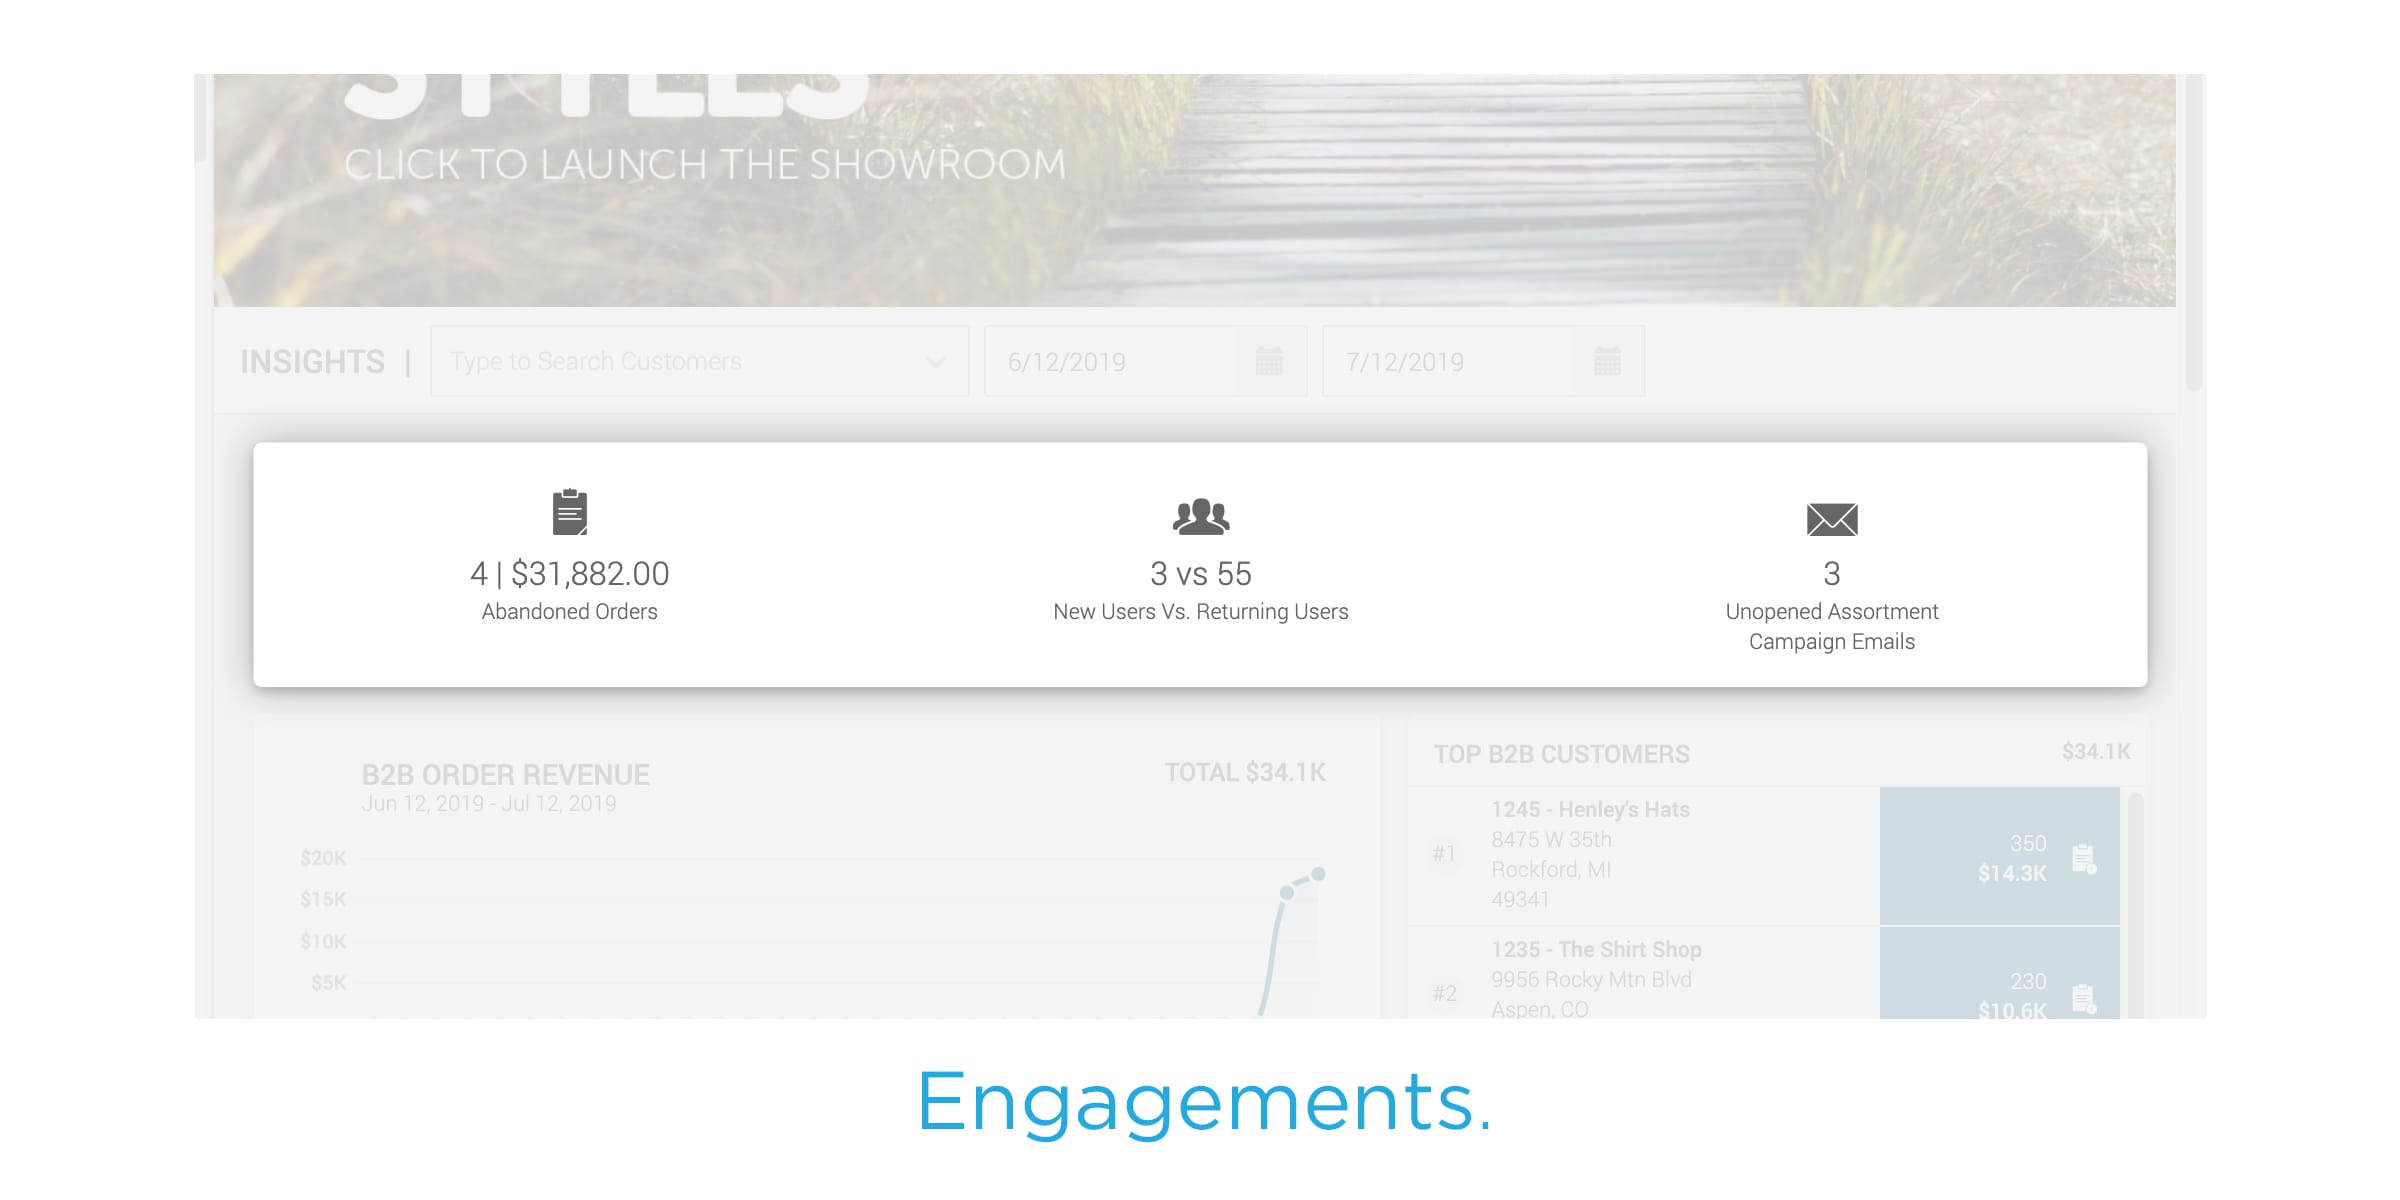 V17-Blog-Engagements-Body5